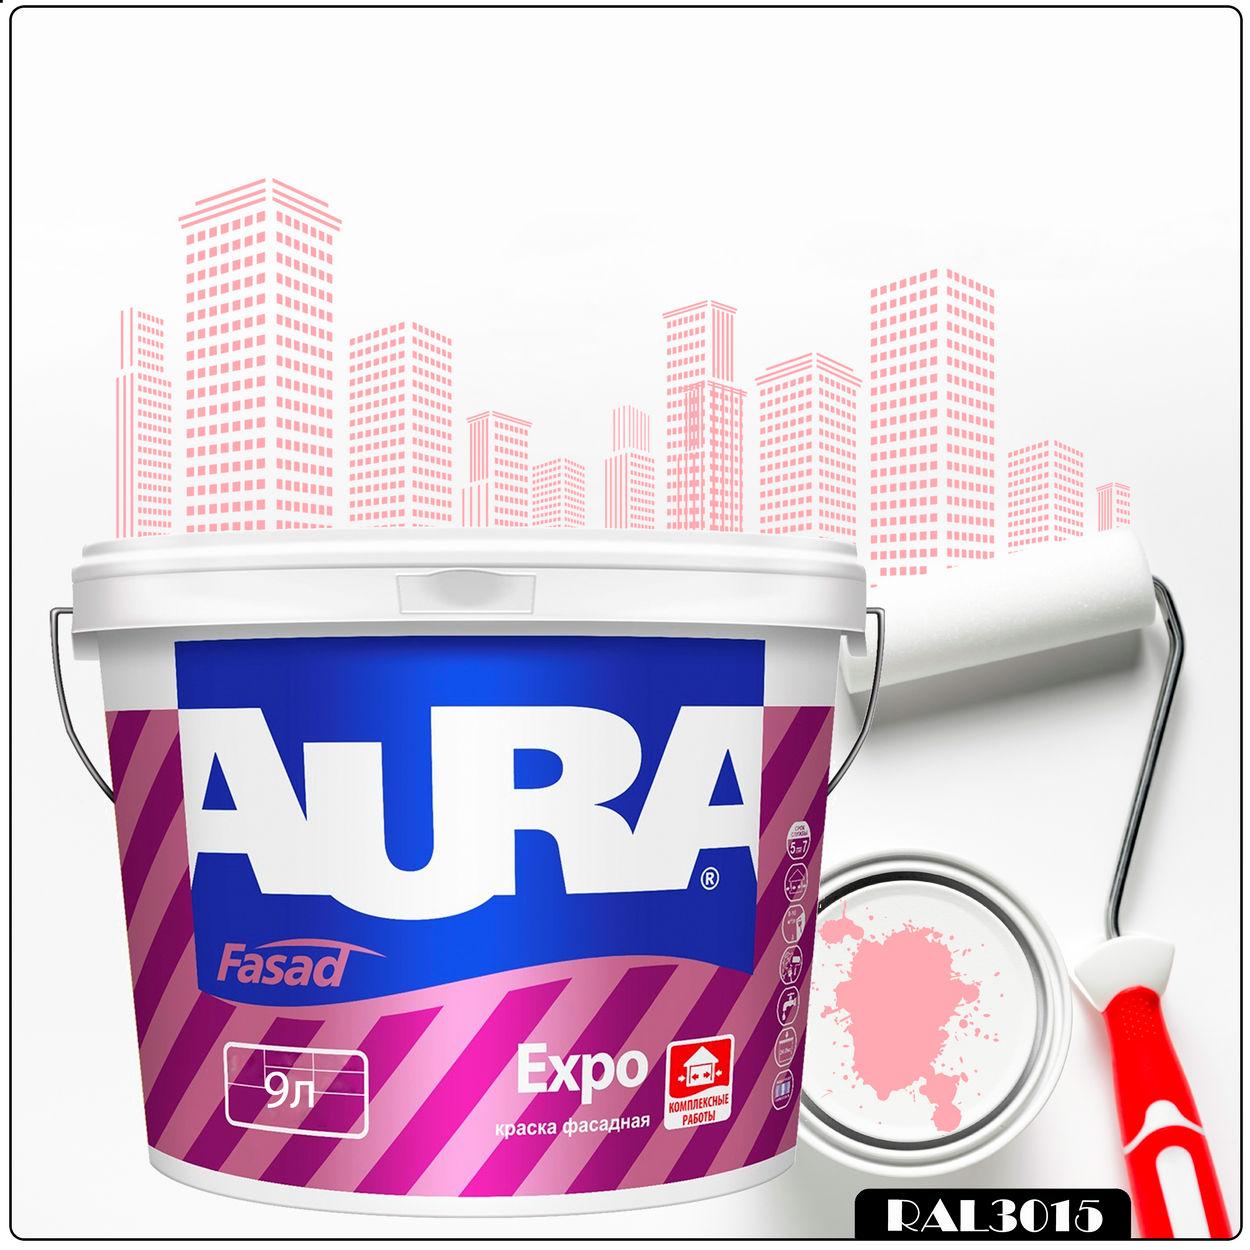 Фото 1 - Краска Aura Fasad Expo, RAL 3015 Светло-розовый, матовая, для фасадов и помещений с повышенной влажностью, 9л.